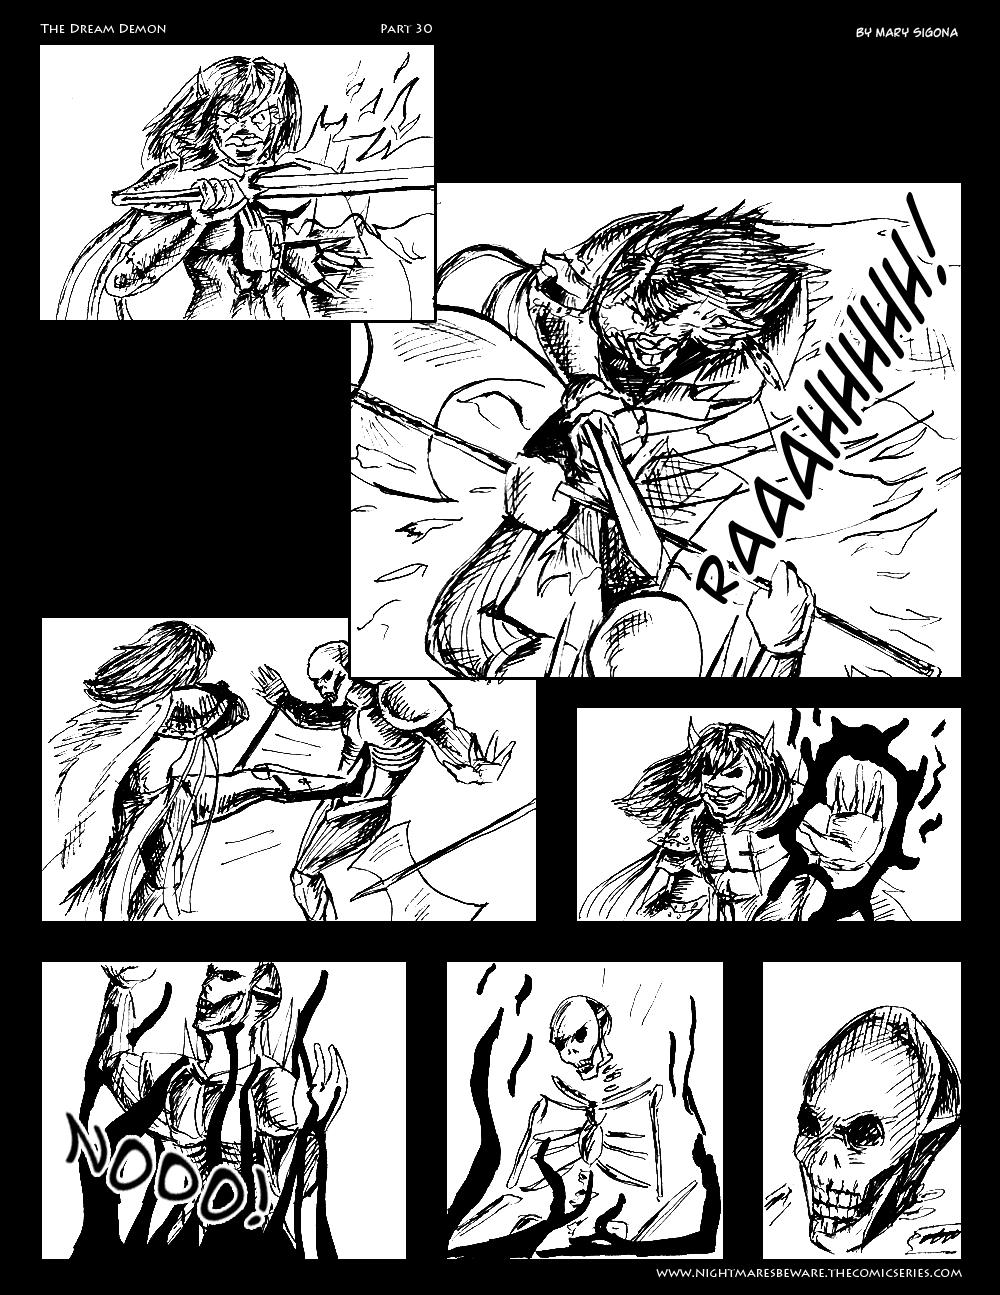 The Dream Demon (Part 30)